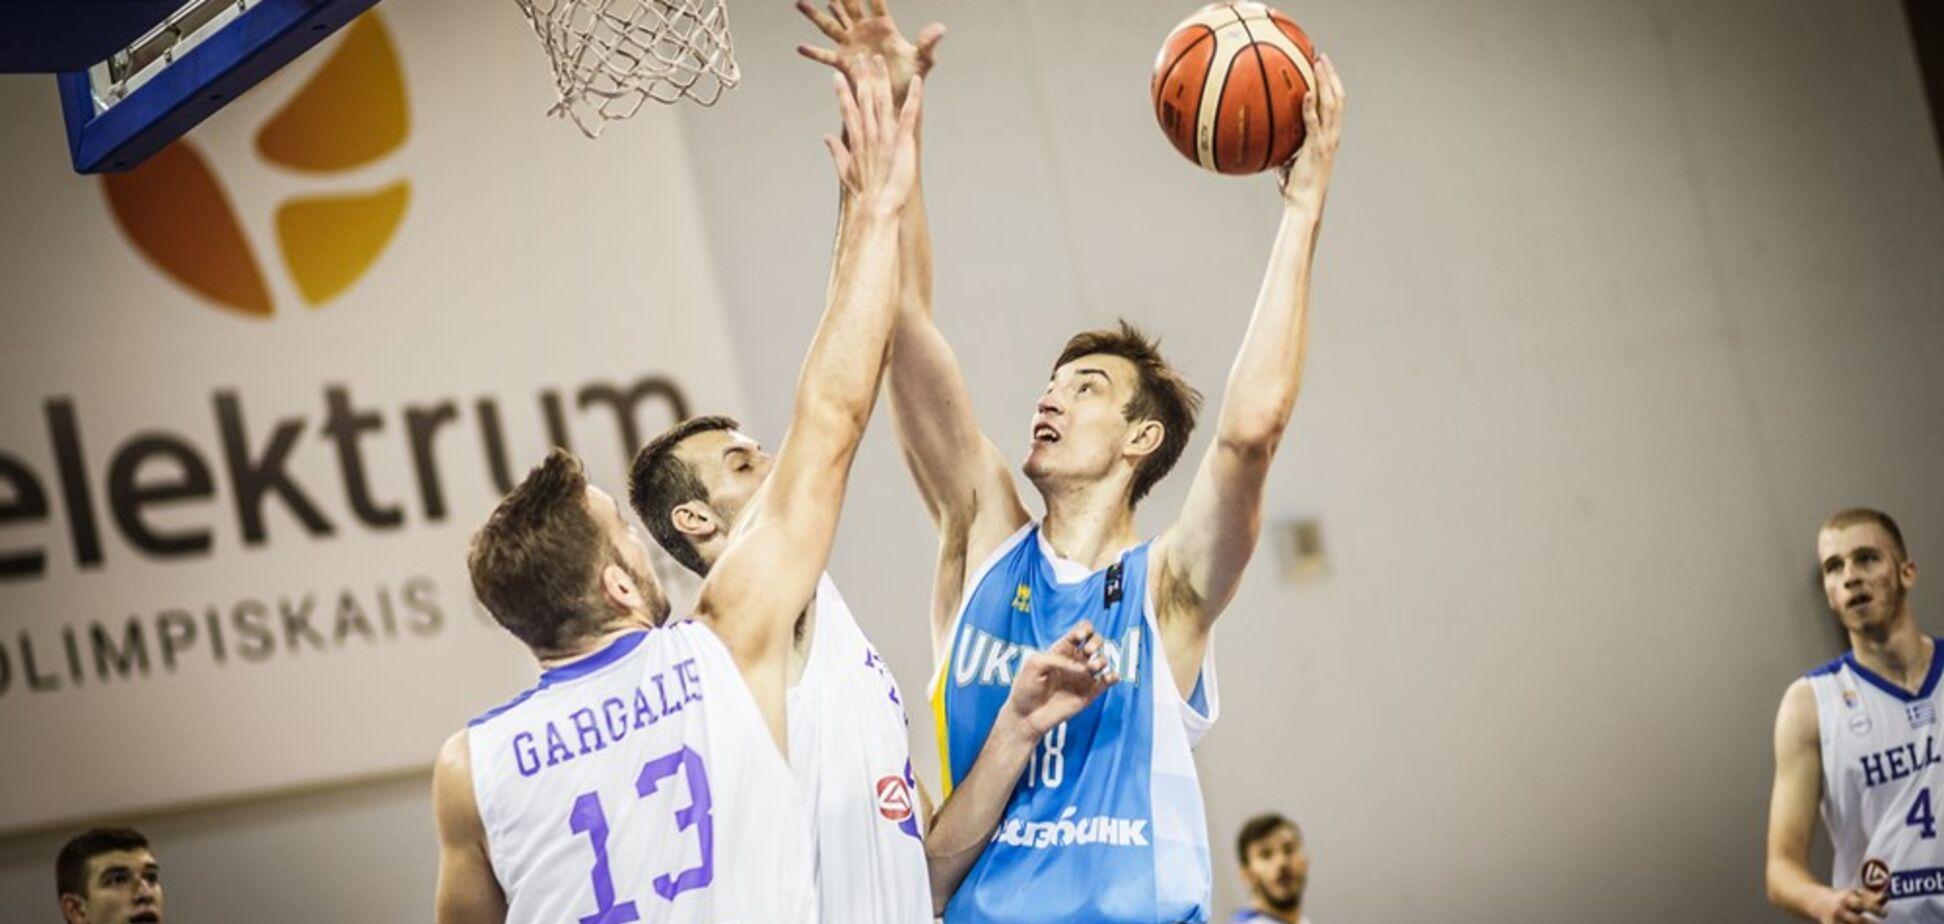 Збірна України з баскетболу U-18 вилетіла до Дивізіону B